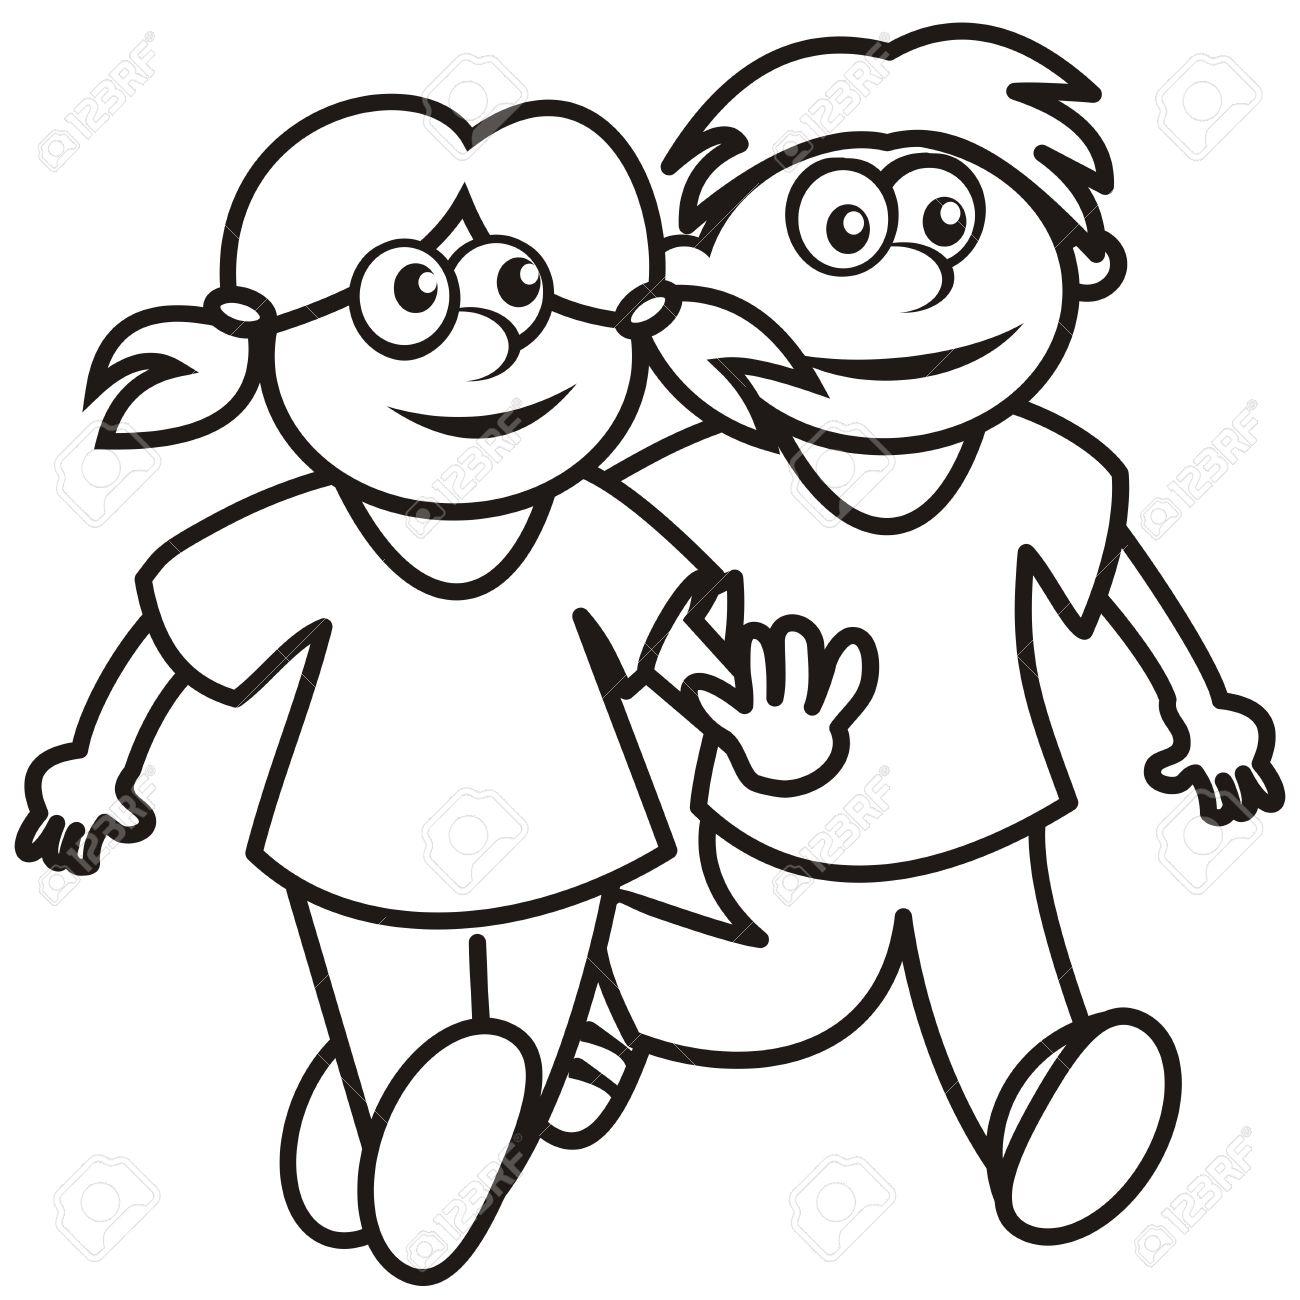 女の子と男の子塗り絵のイラスト素材ベクタ Image 33203449